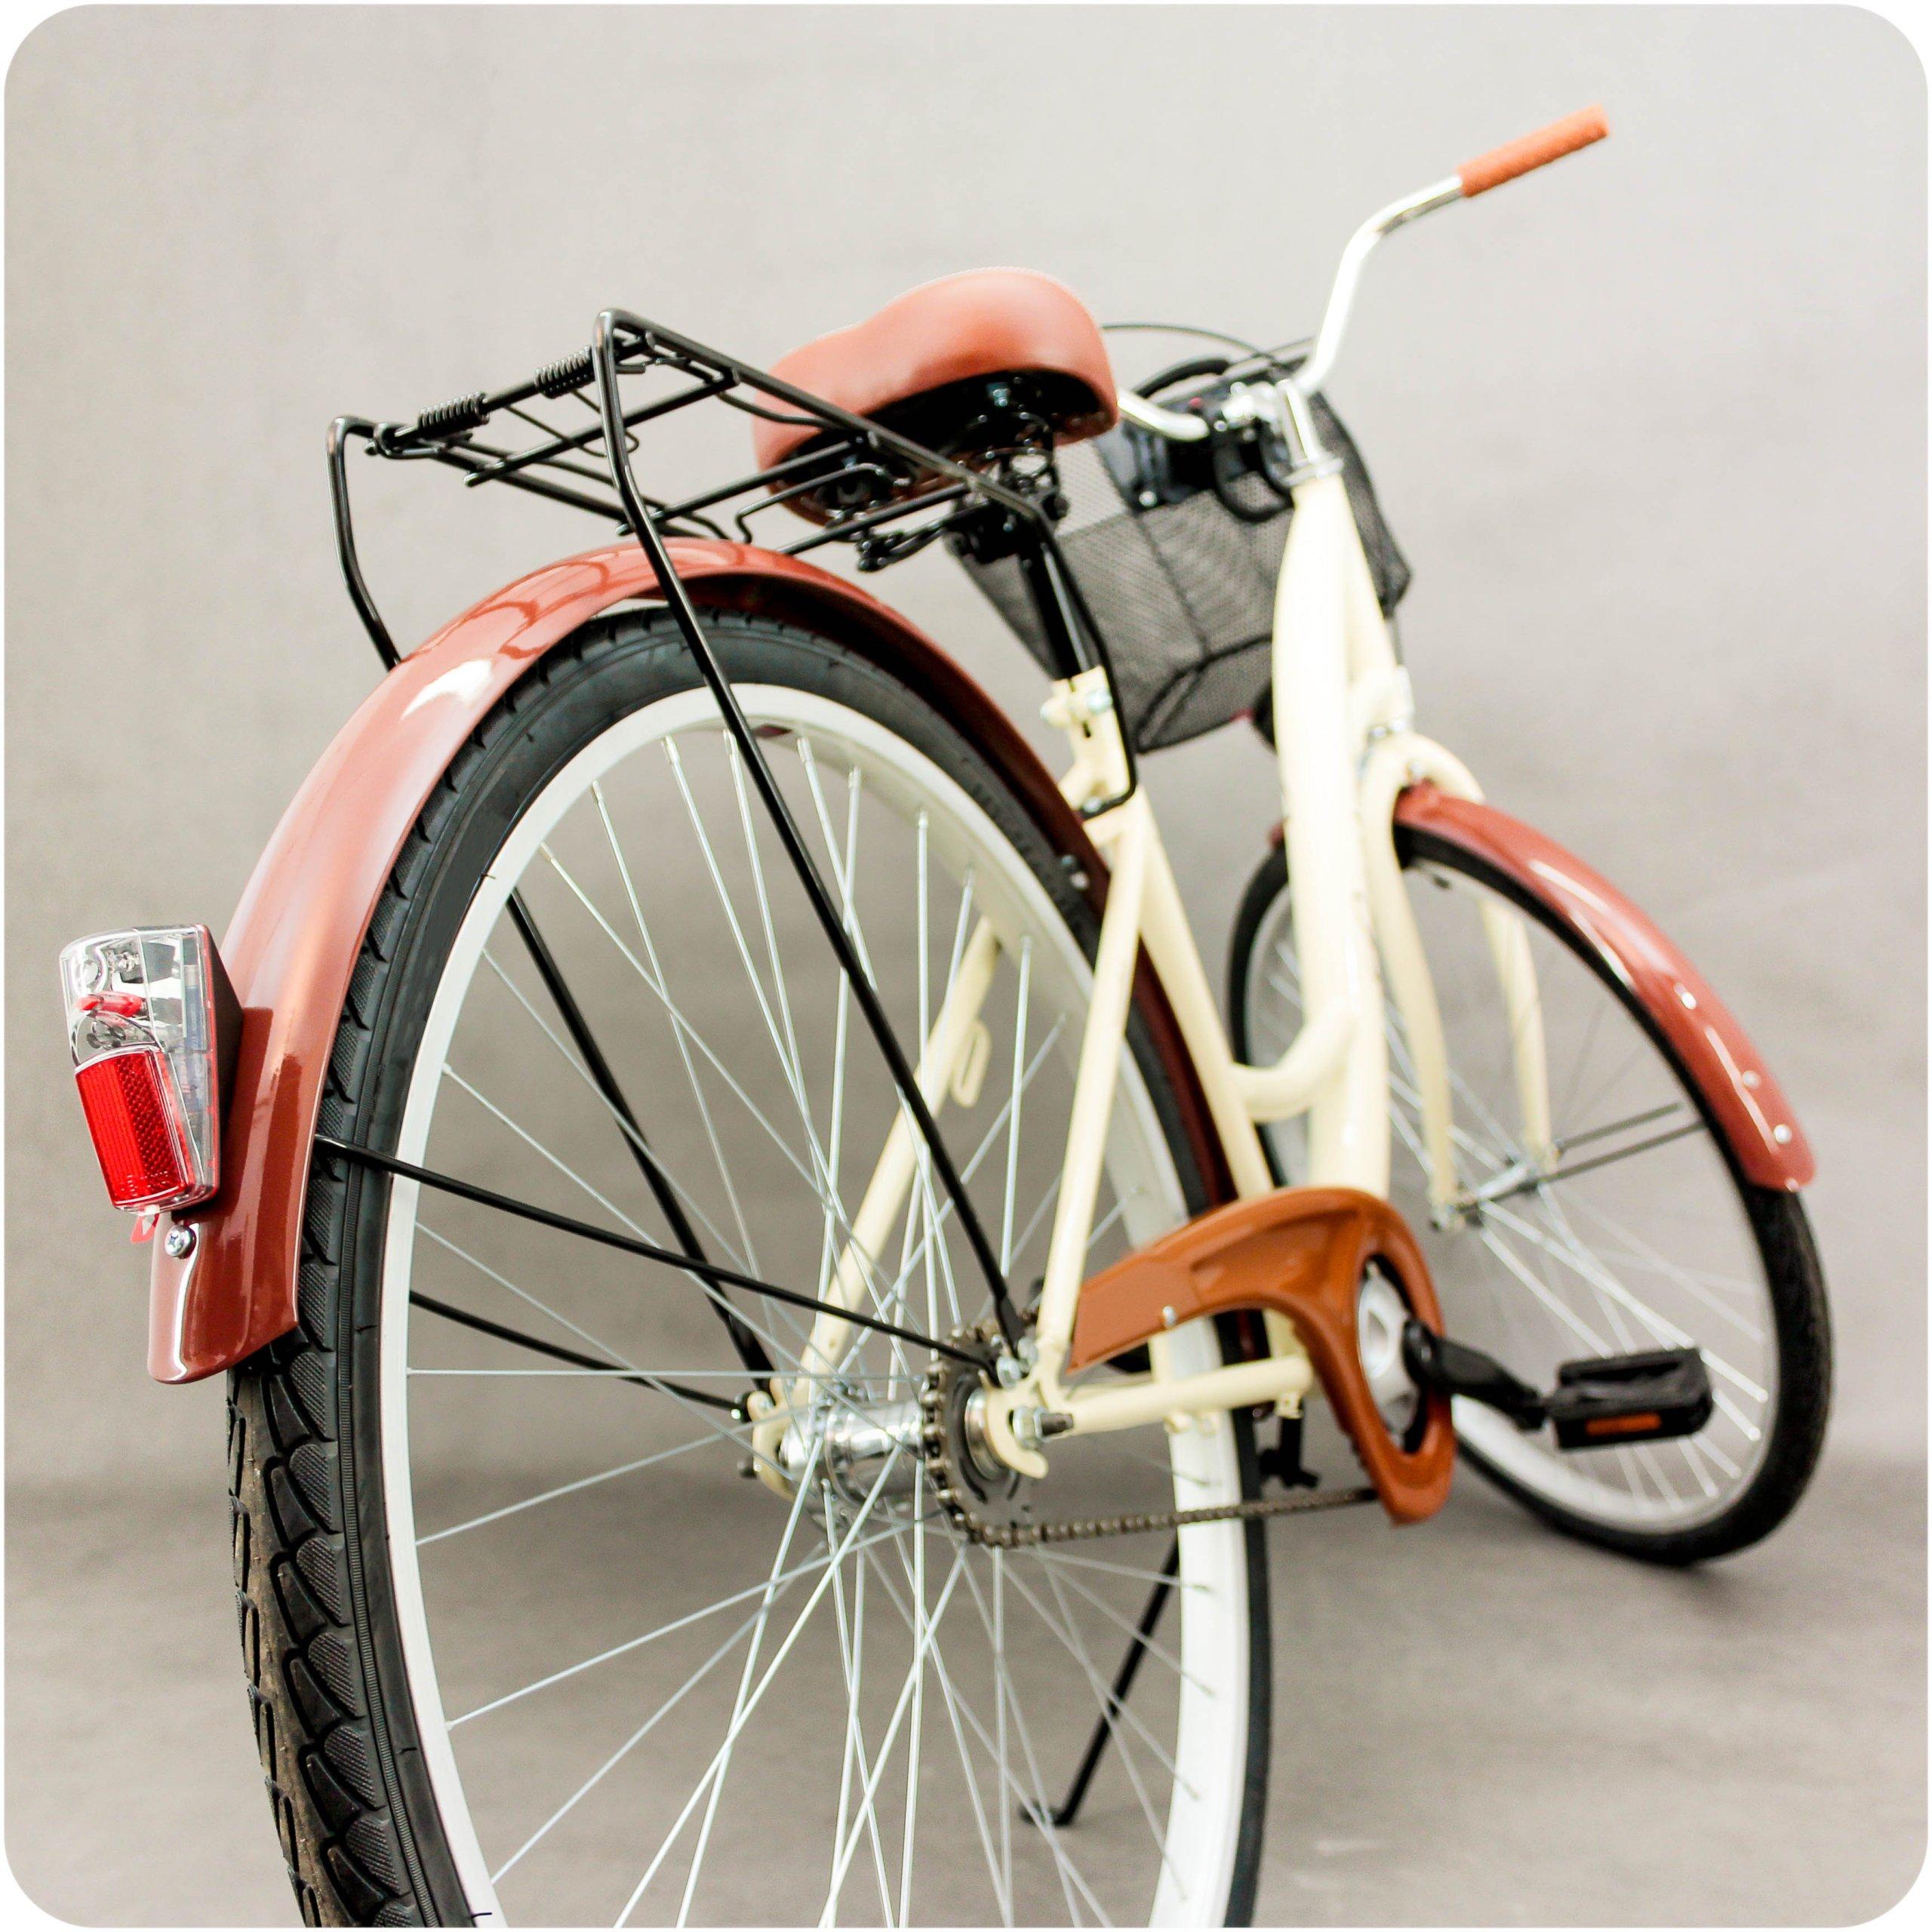 Dámsky mestský bicykel GOETZE 26 eco lady + košík !!!  Kód výrobcu 26eco